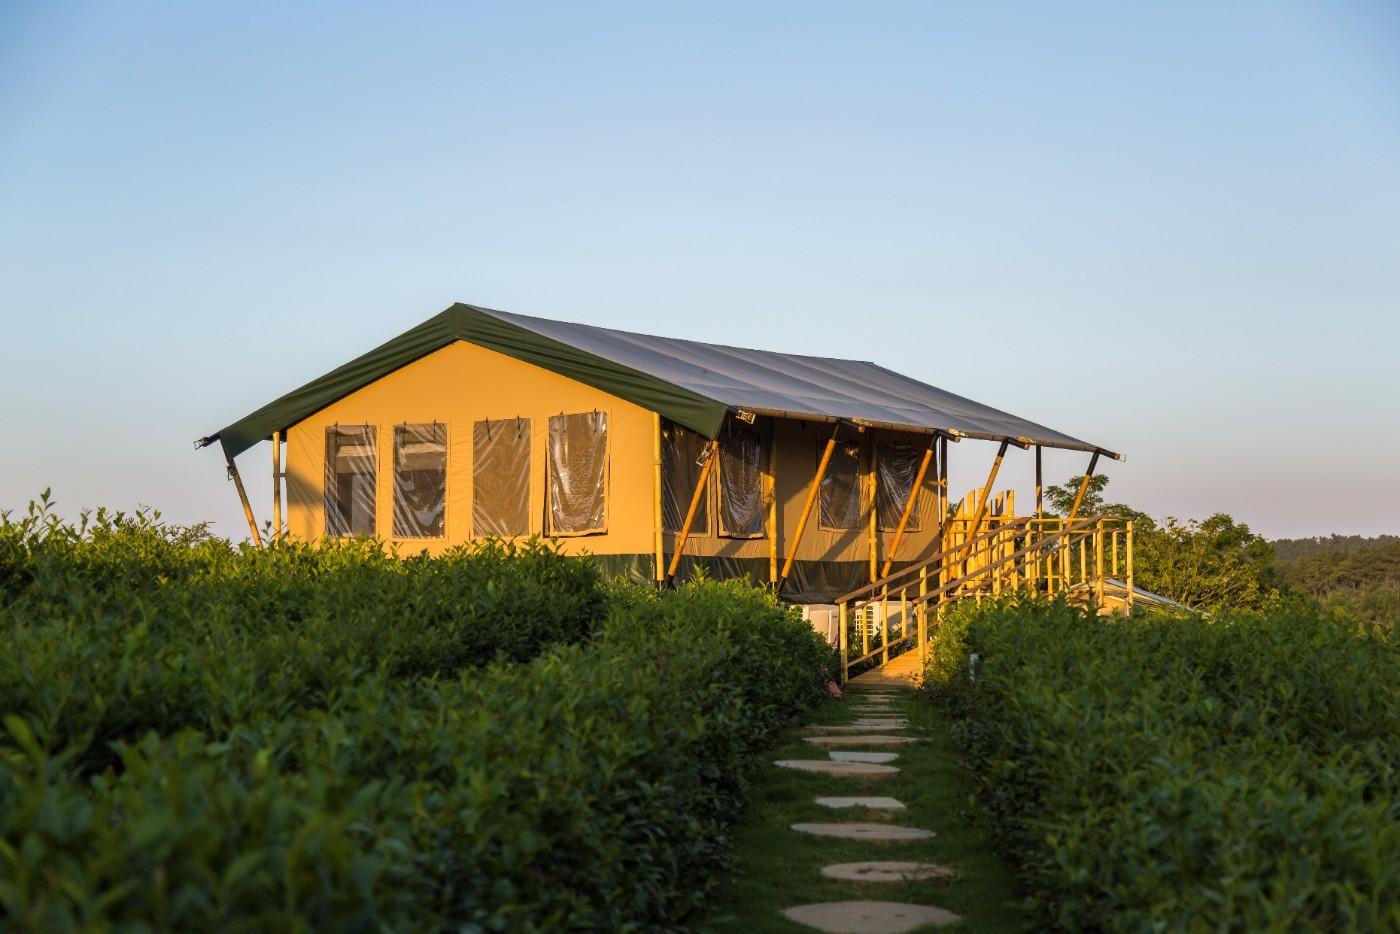 喜马拉雅野奢帐篷酒店—江苏常州茅山宝盛园茶园帐篷酒店11